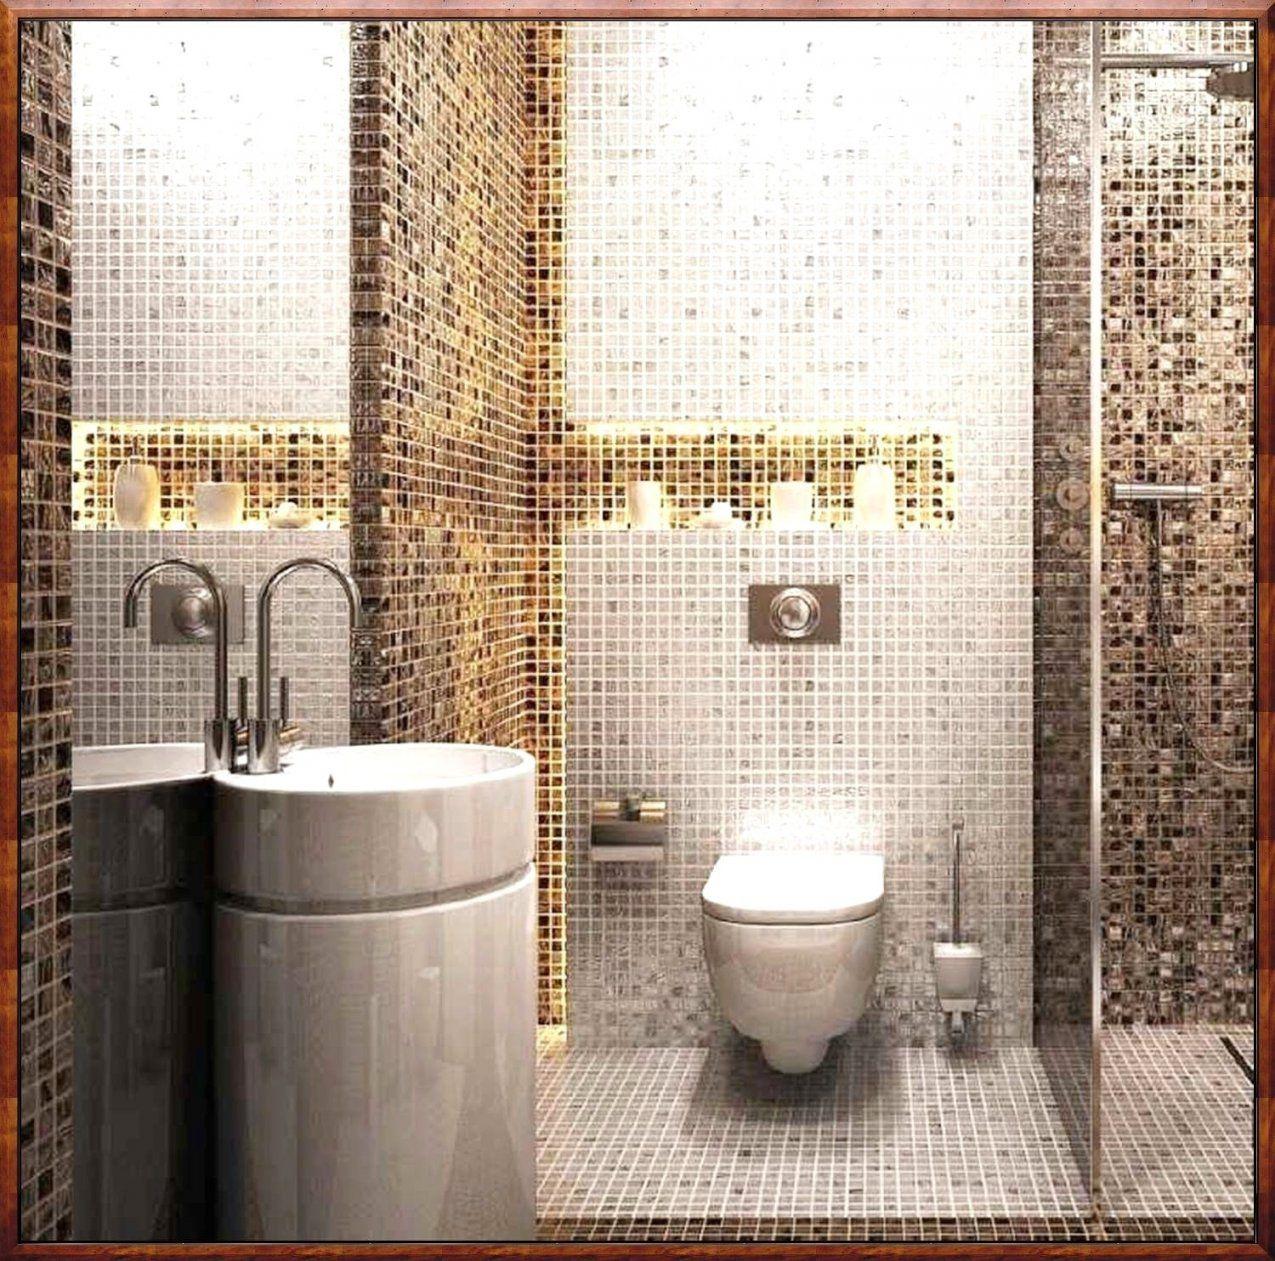 Super Ideas Bad Mosaik Mosaikfliesen Mosaikk Ideen Bilder von Mosaik Fliesen Türkis Bad Bild